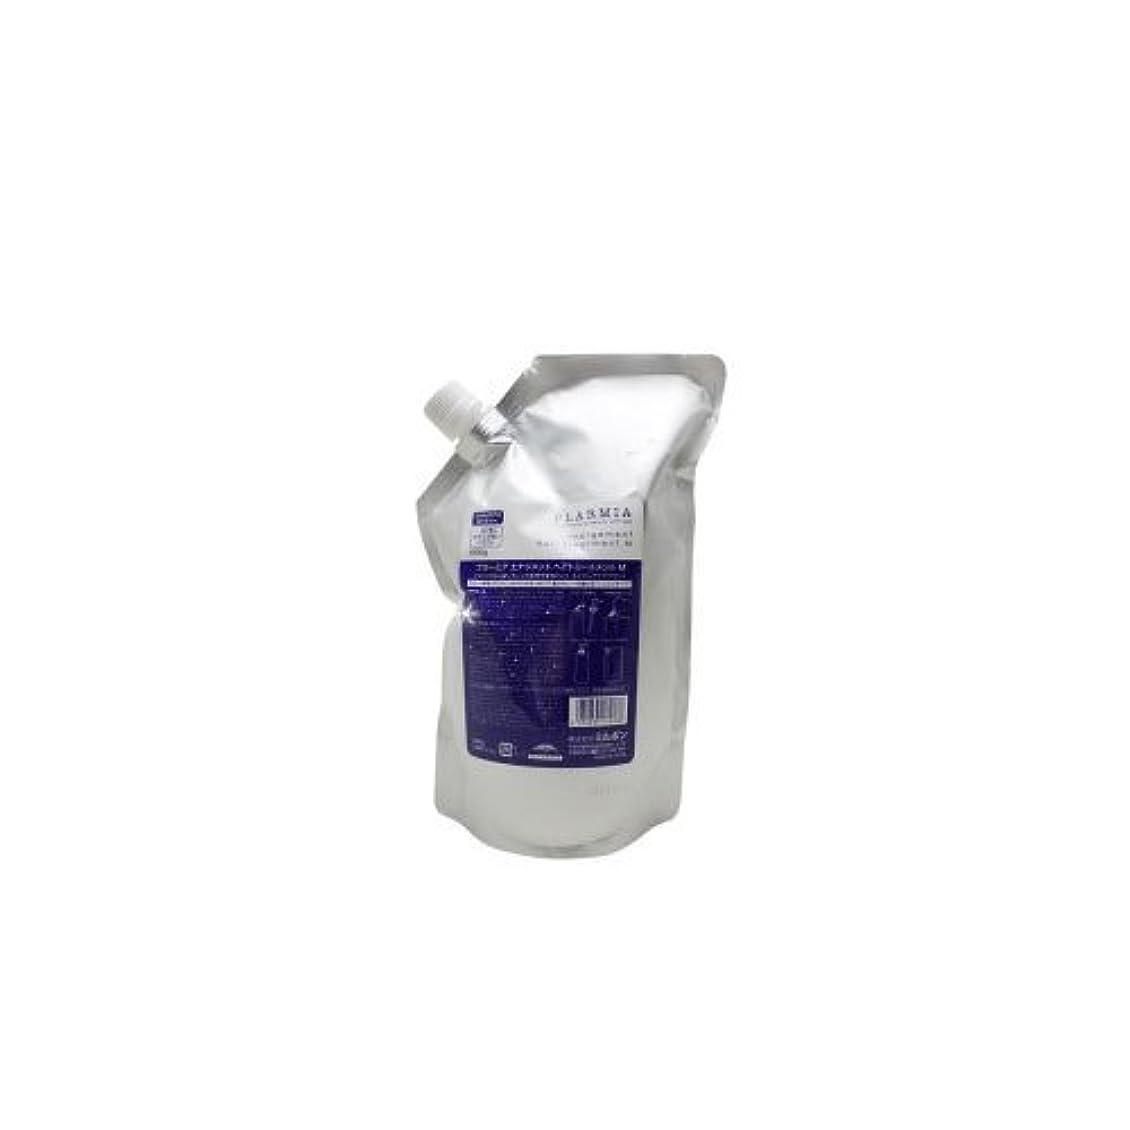 乳剤サルベージミシンミルボン プラーミア エナジメント ヘアトリートメント M 1000g (詰替)